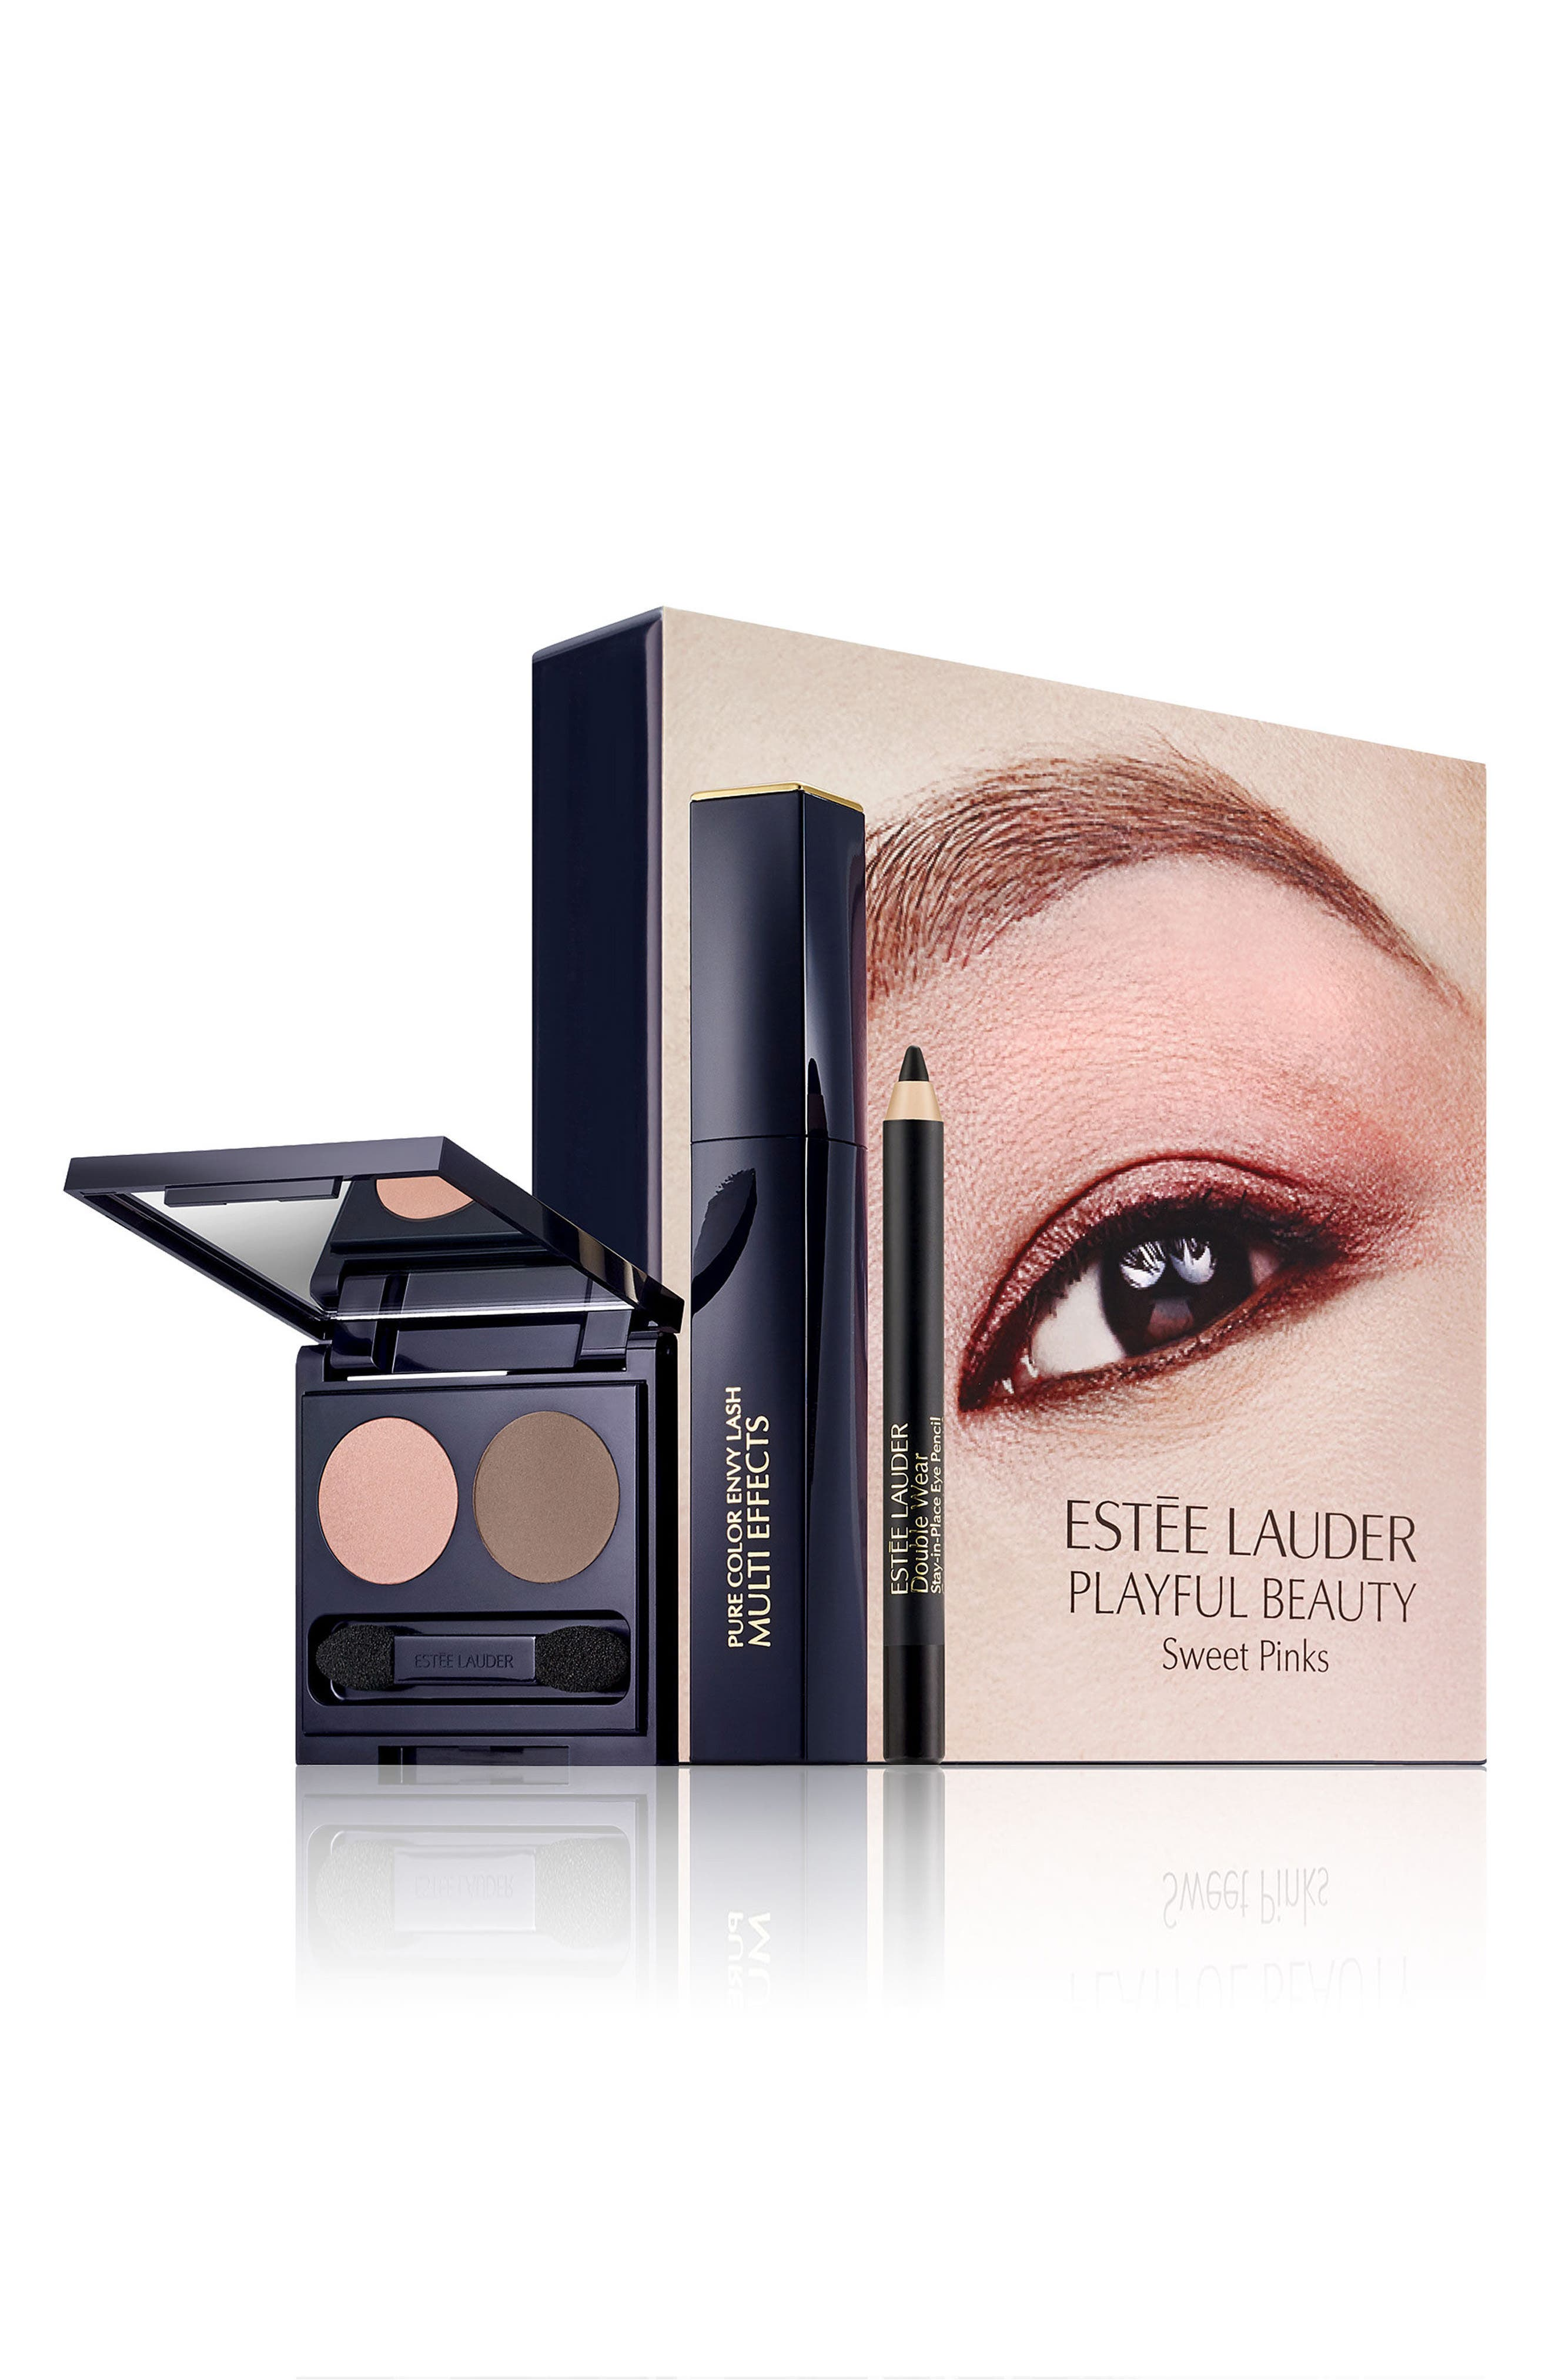 Sweet Pink Eyeshadow, Mascara & Liner Set,                             Main thumbnail 1, color,                             No Color